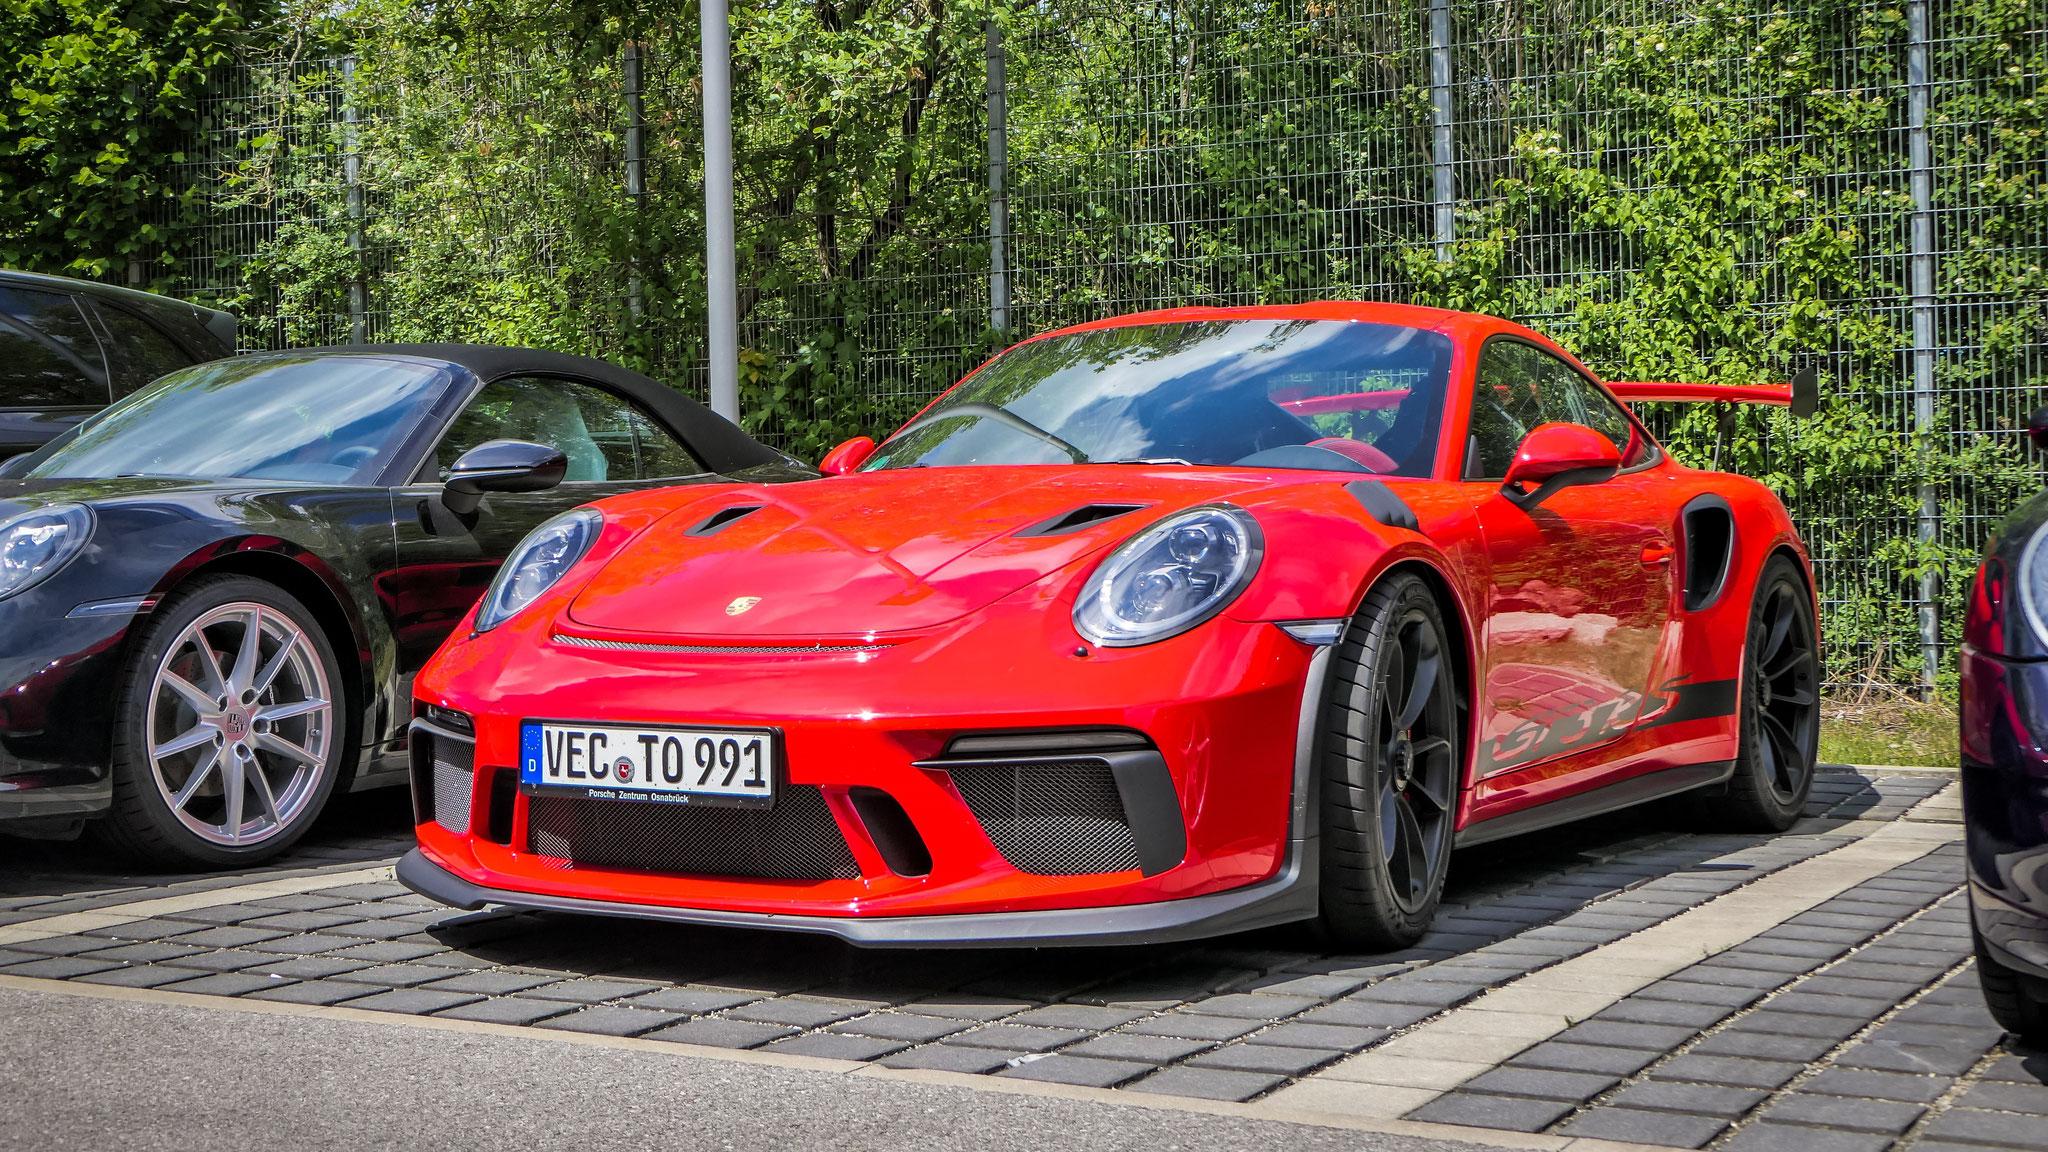 Porsche 911 991.2 GT3 RS - VEC-TO-991